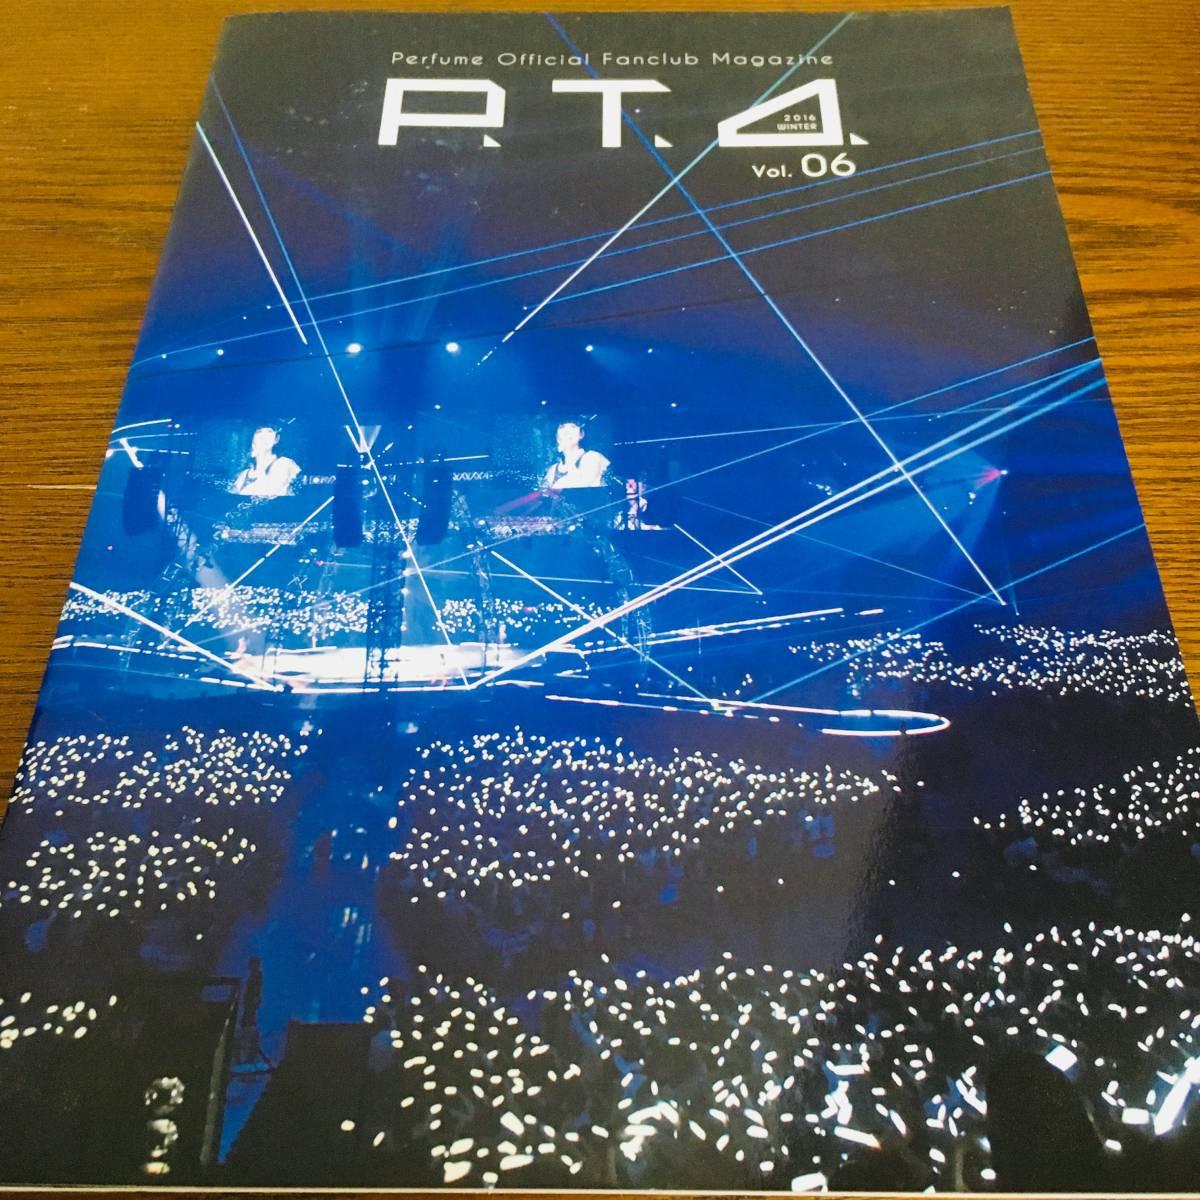 新品未使用 Perfume ファンクラブ 会報 グリーティング カード 継続特典 P.T.A vol.4-vol.8 クリスマスカード パスケース_画像5